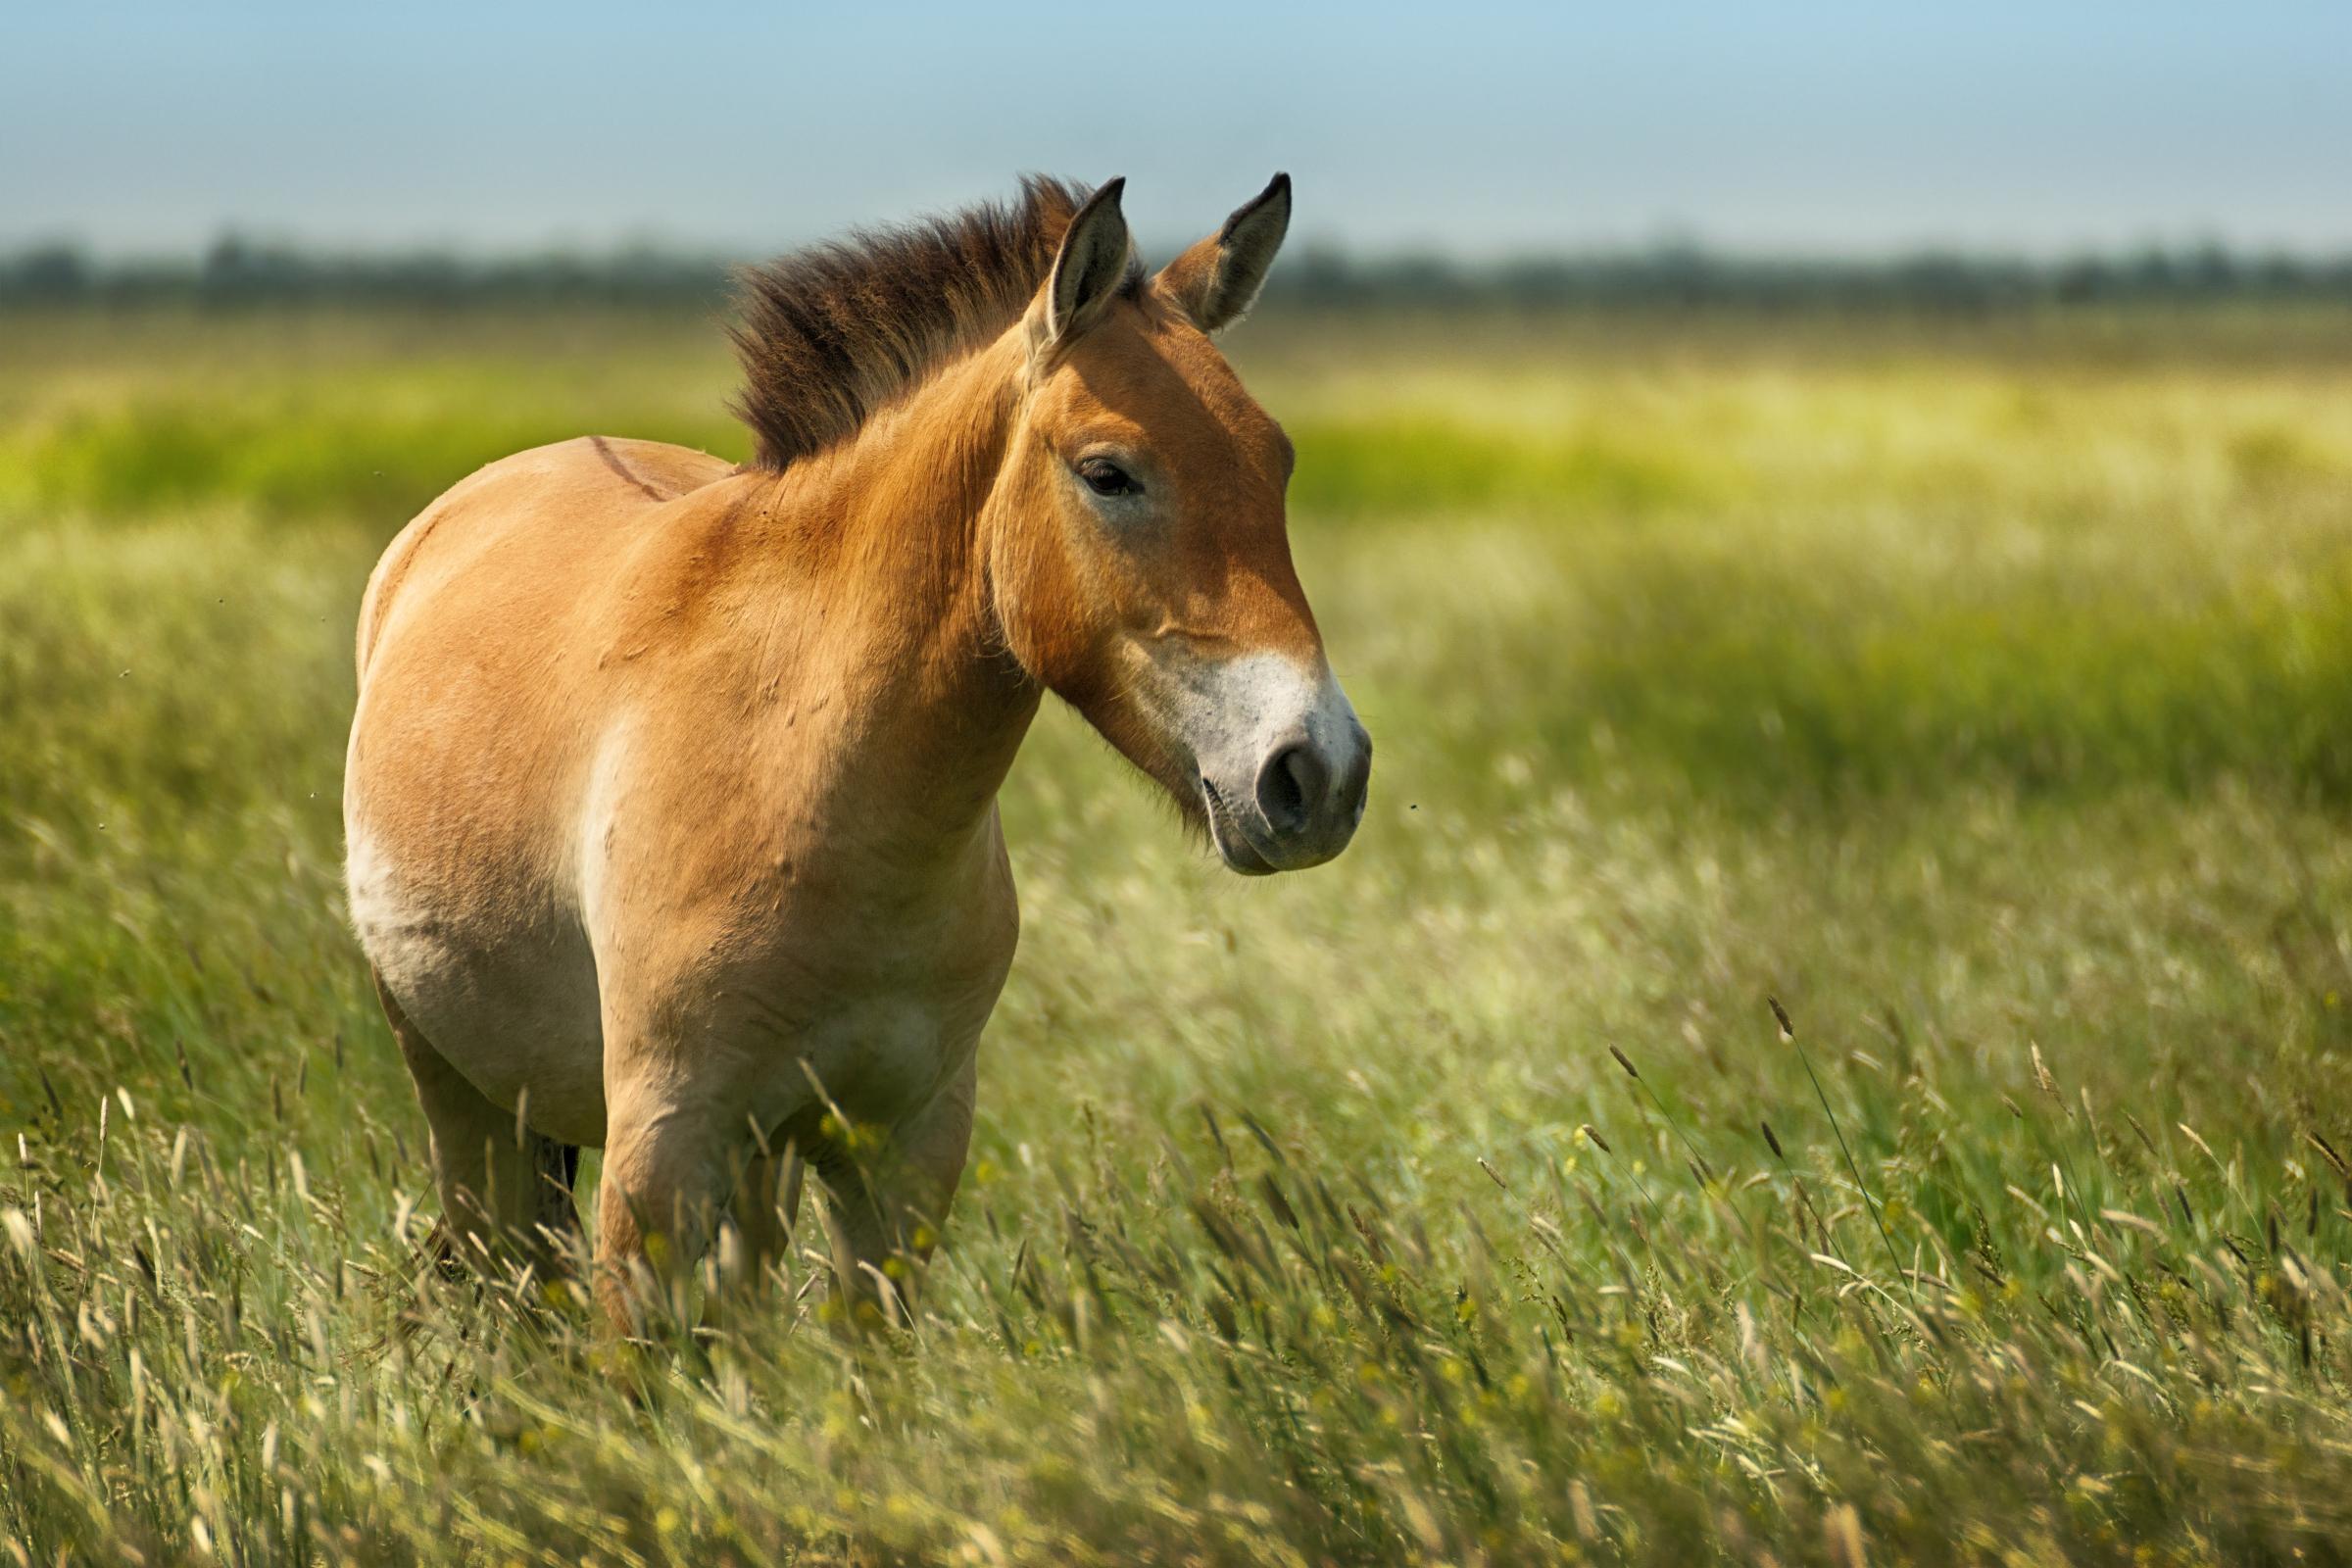 סוס פז'בלסקי בשמורת טבע באוקראינה | shutterstock